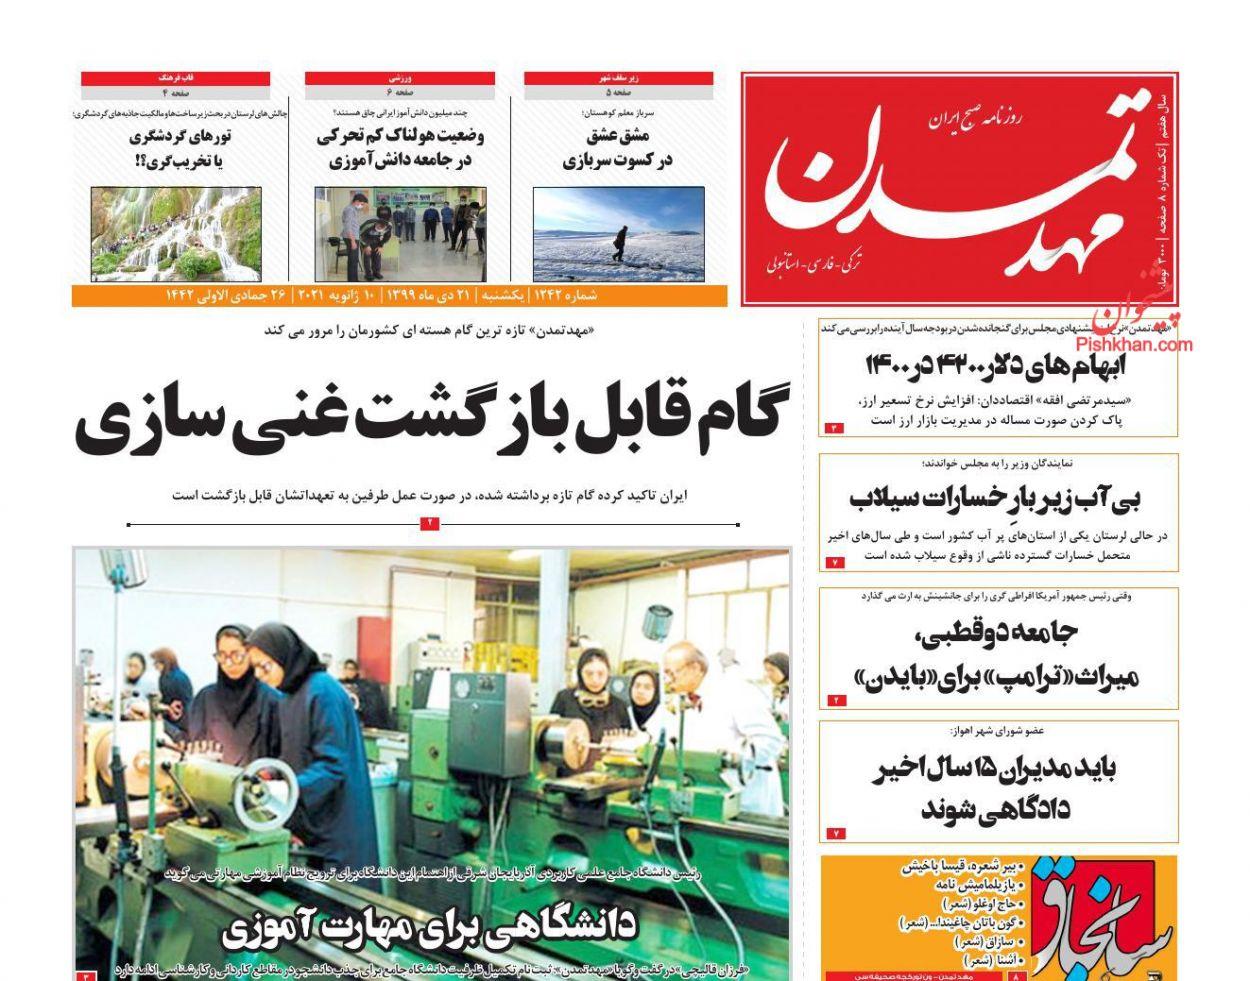 عناوین اخبار روزنامه مهد تمدن در روز یکشنبه ۲۱ دی